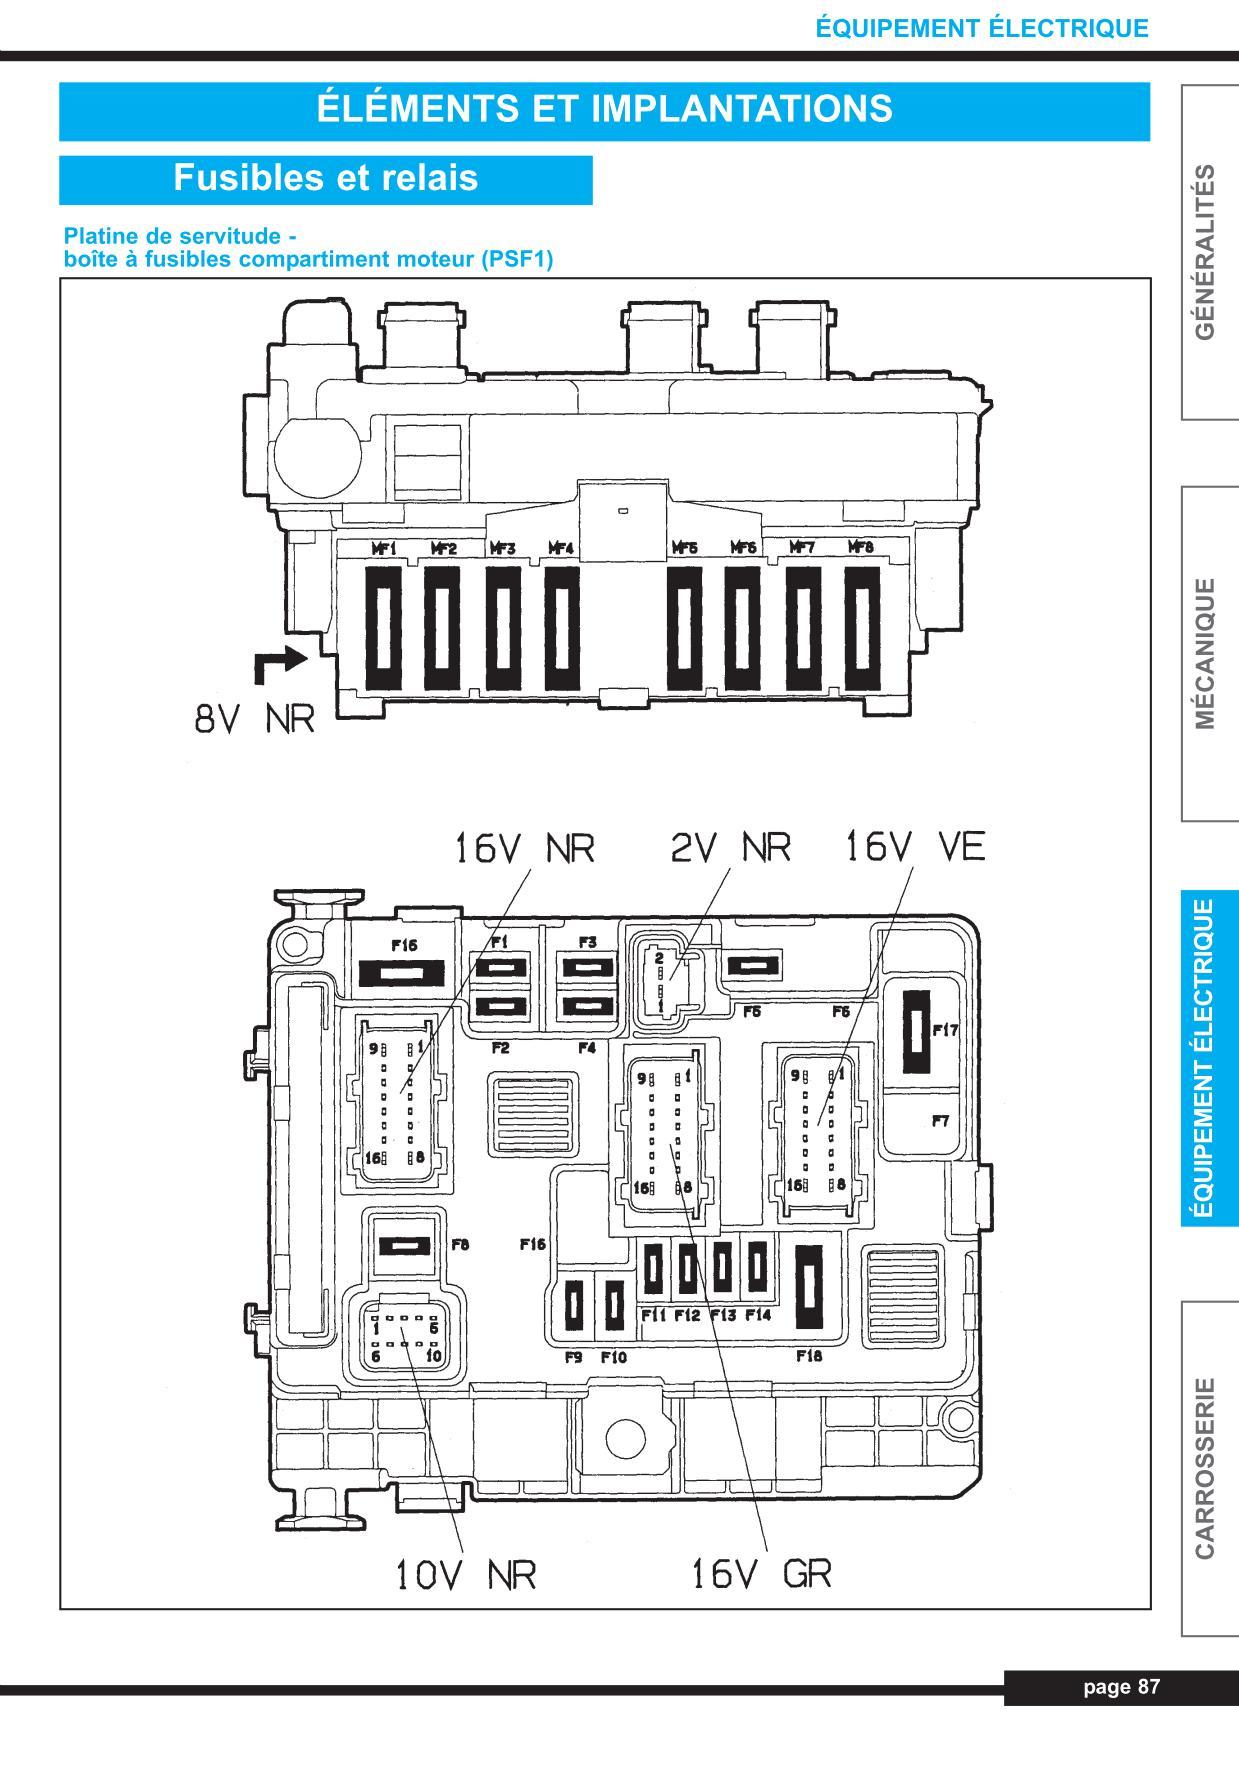 daihatsu fuel pump diagram